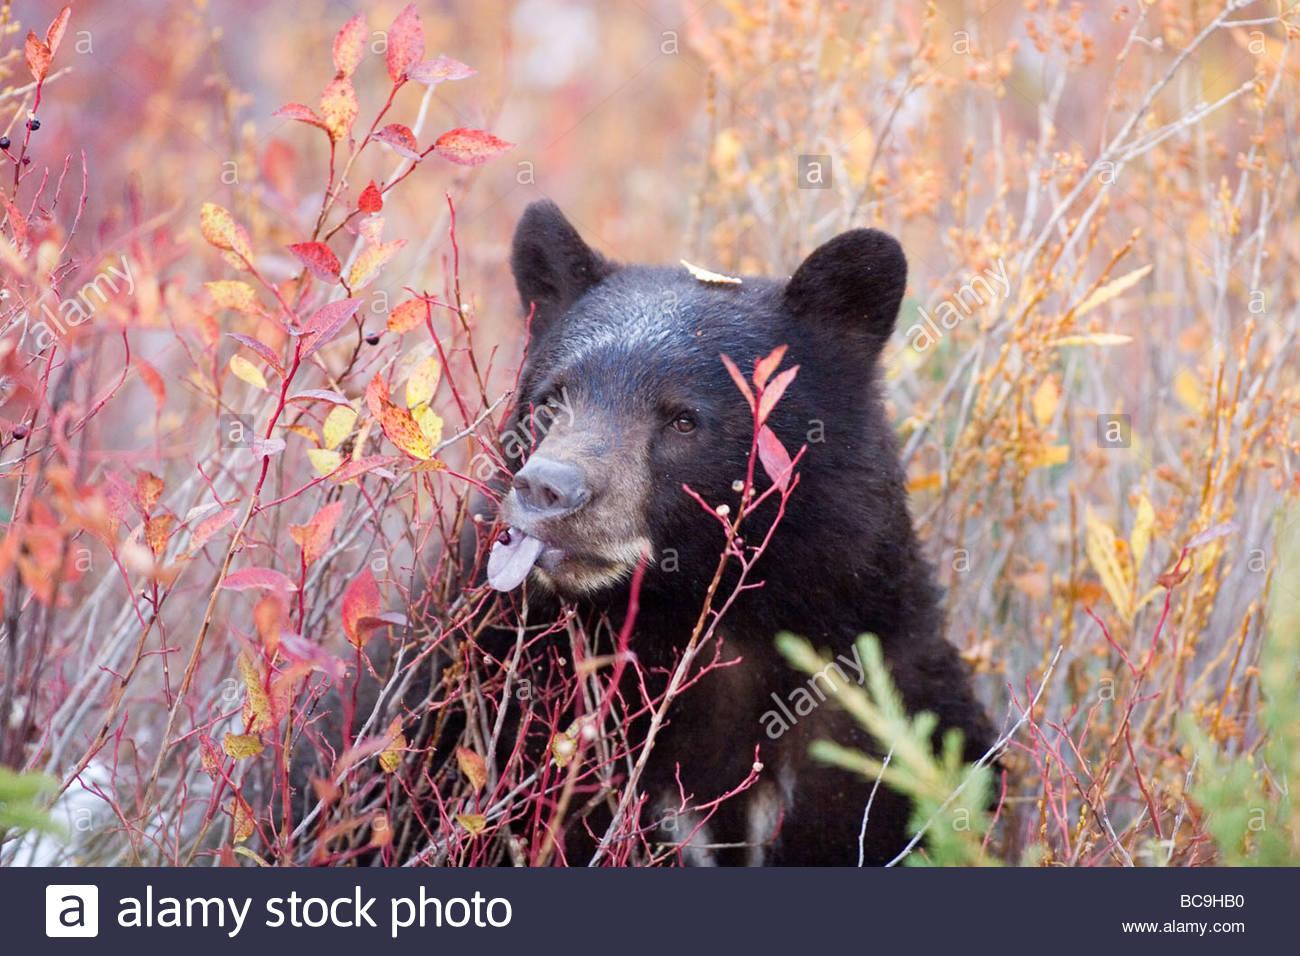 Un orso nero mangia un mirtillo mentre l'aggiunta di peso per la modalità di ibernazione. Immagini Stock